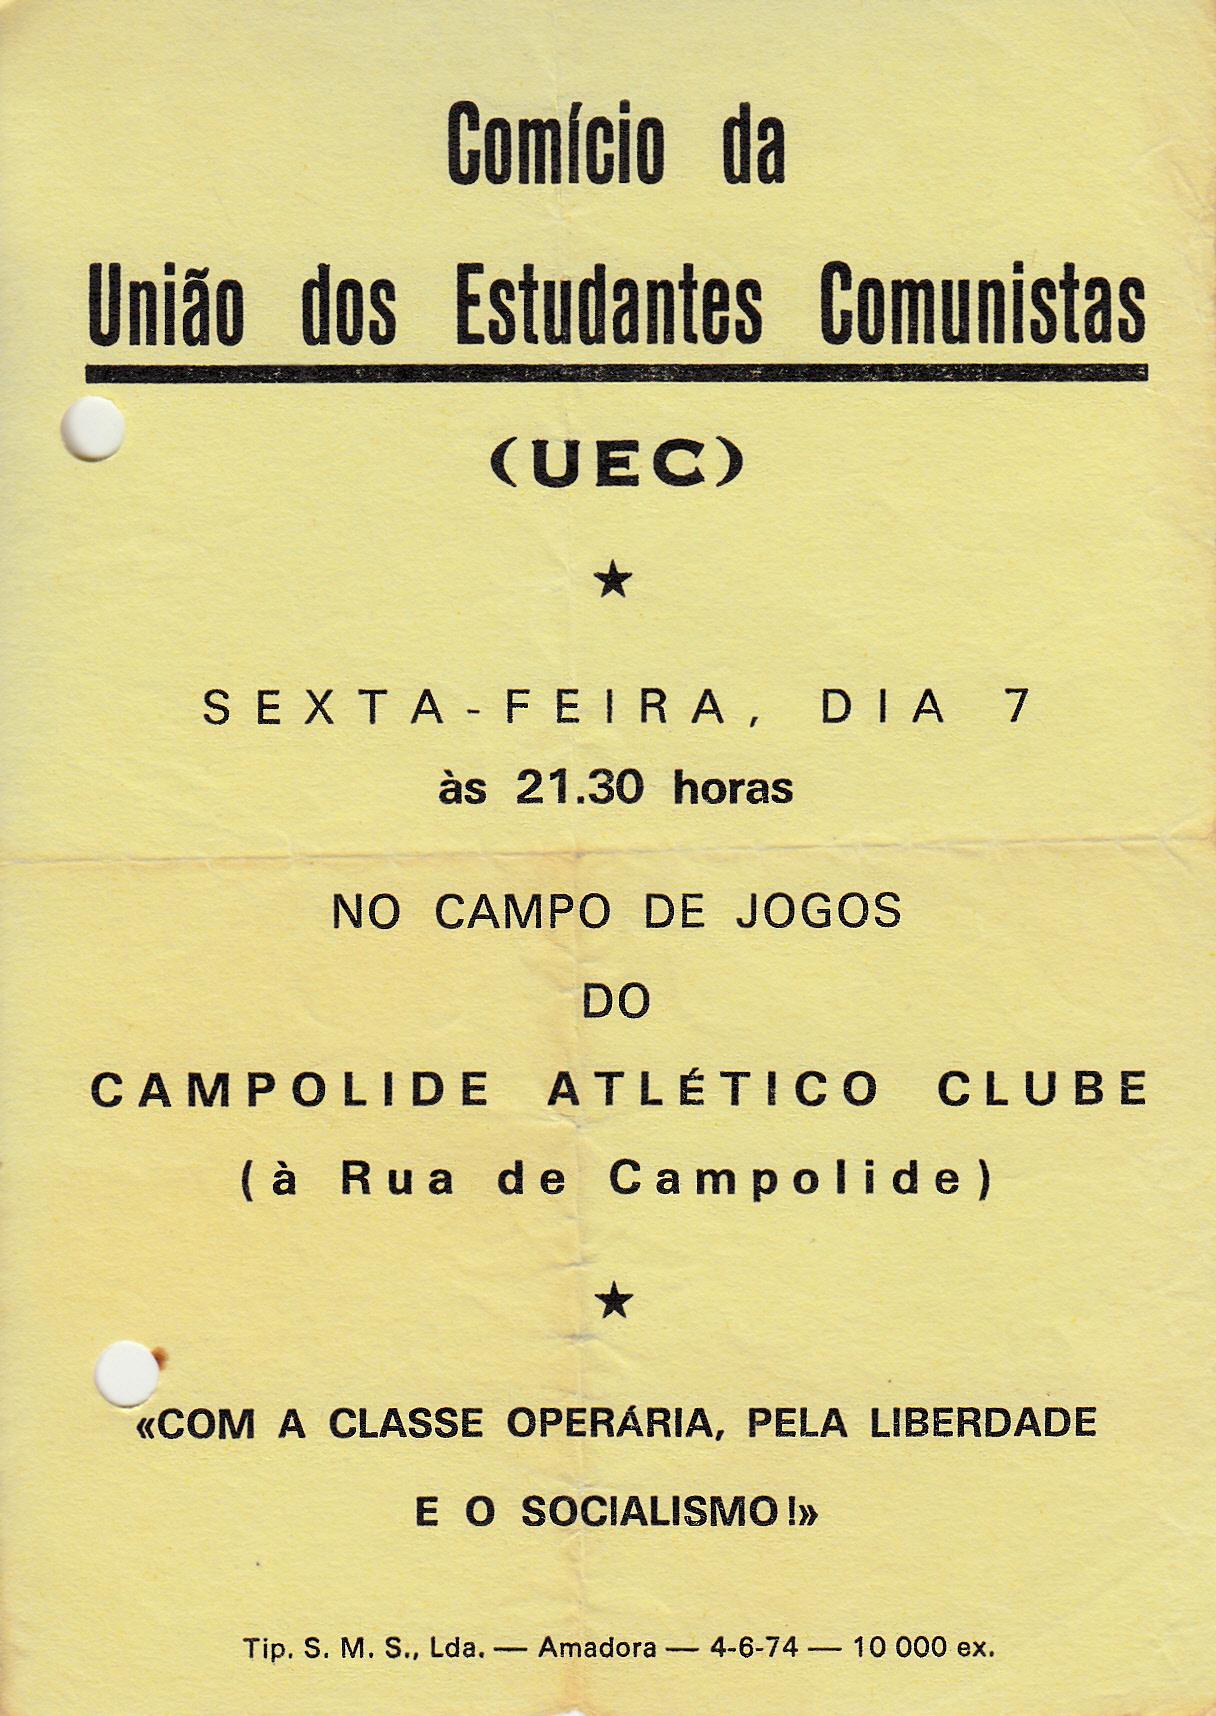 UEC_1974_06_0005